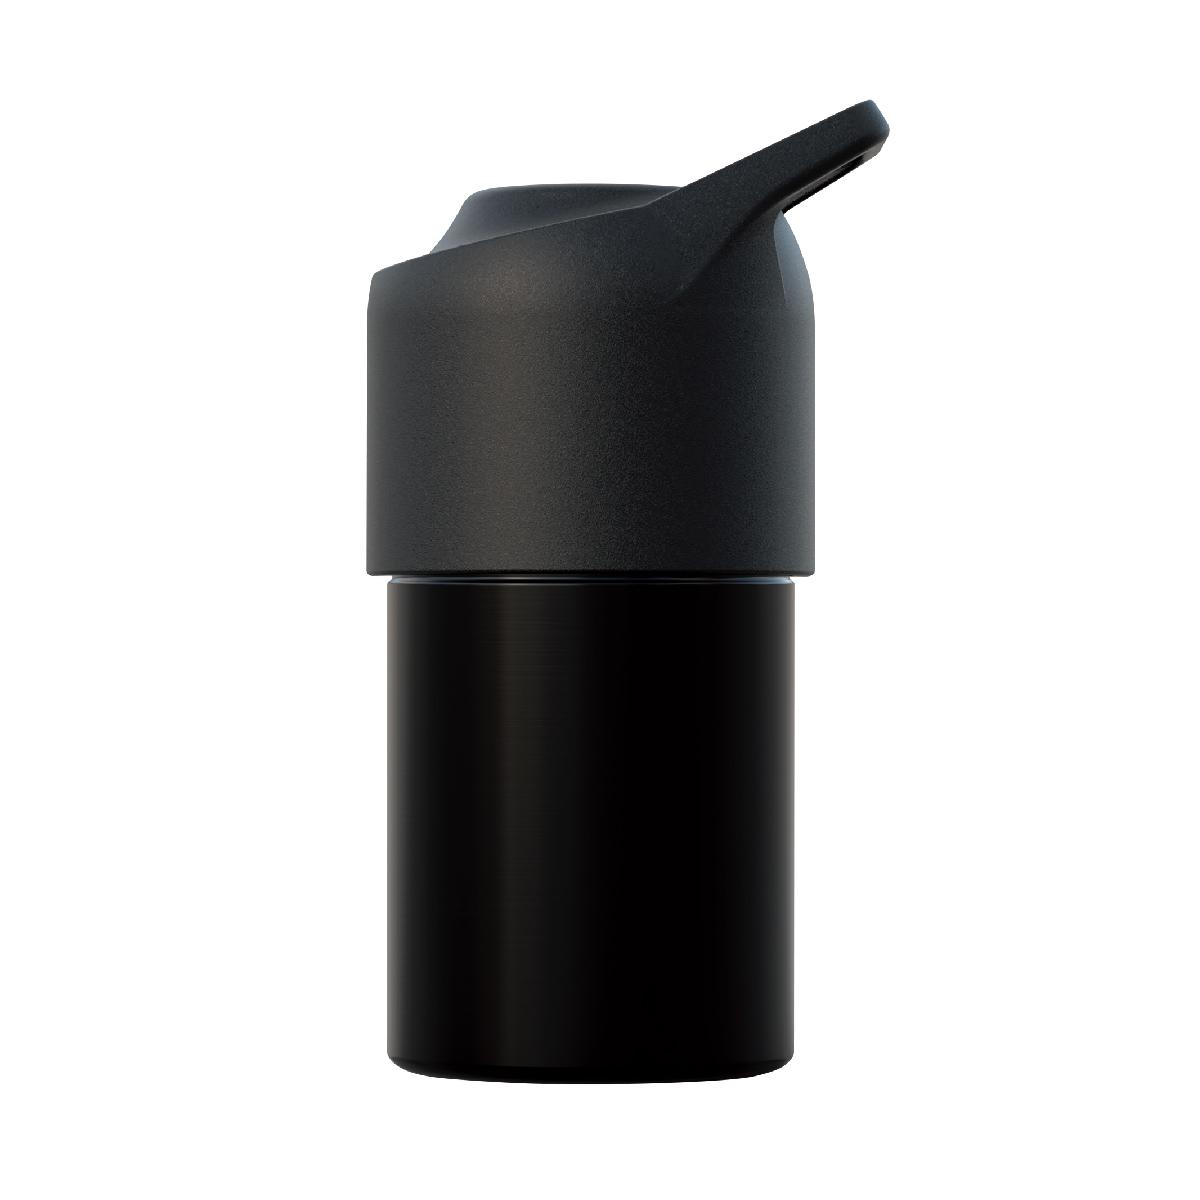 ボトルインボトル TYPE-C ブラック